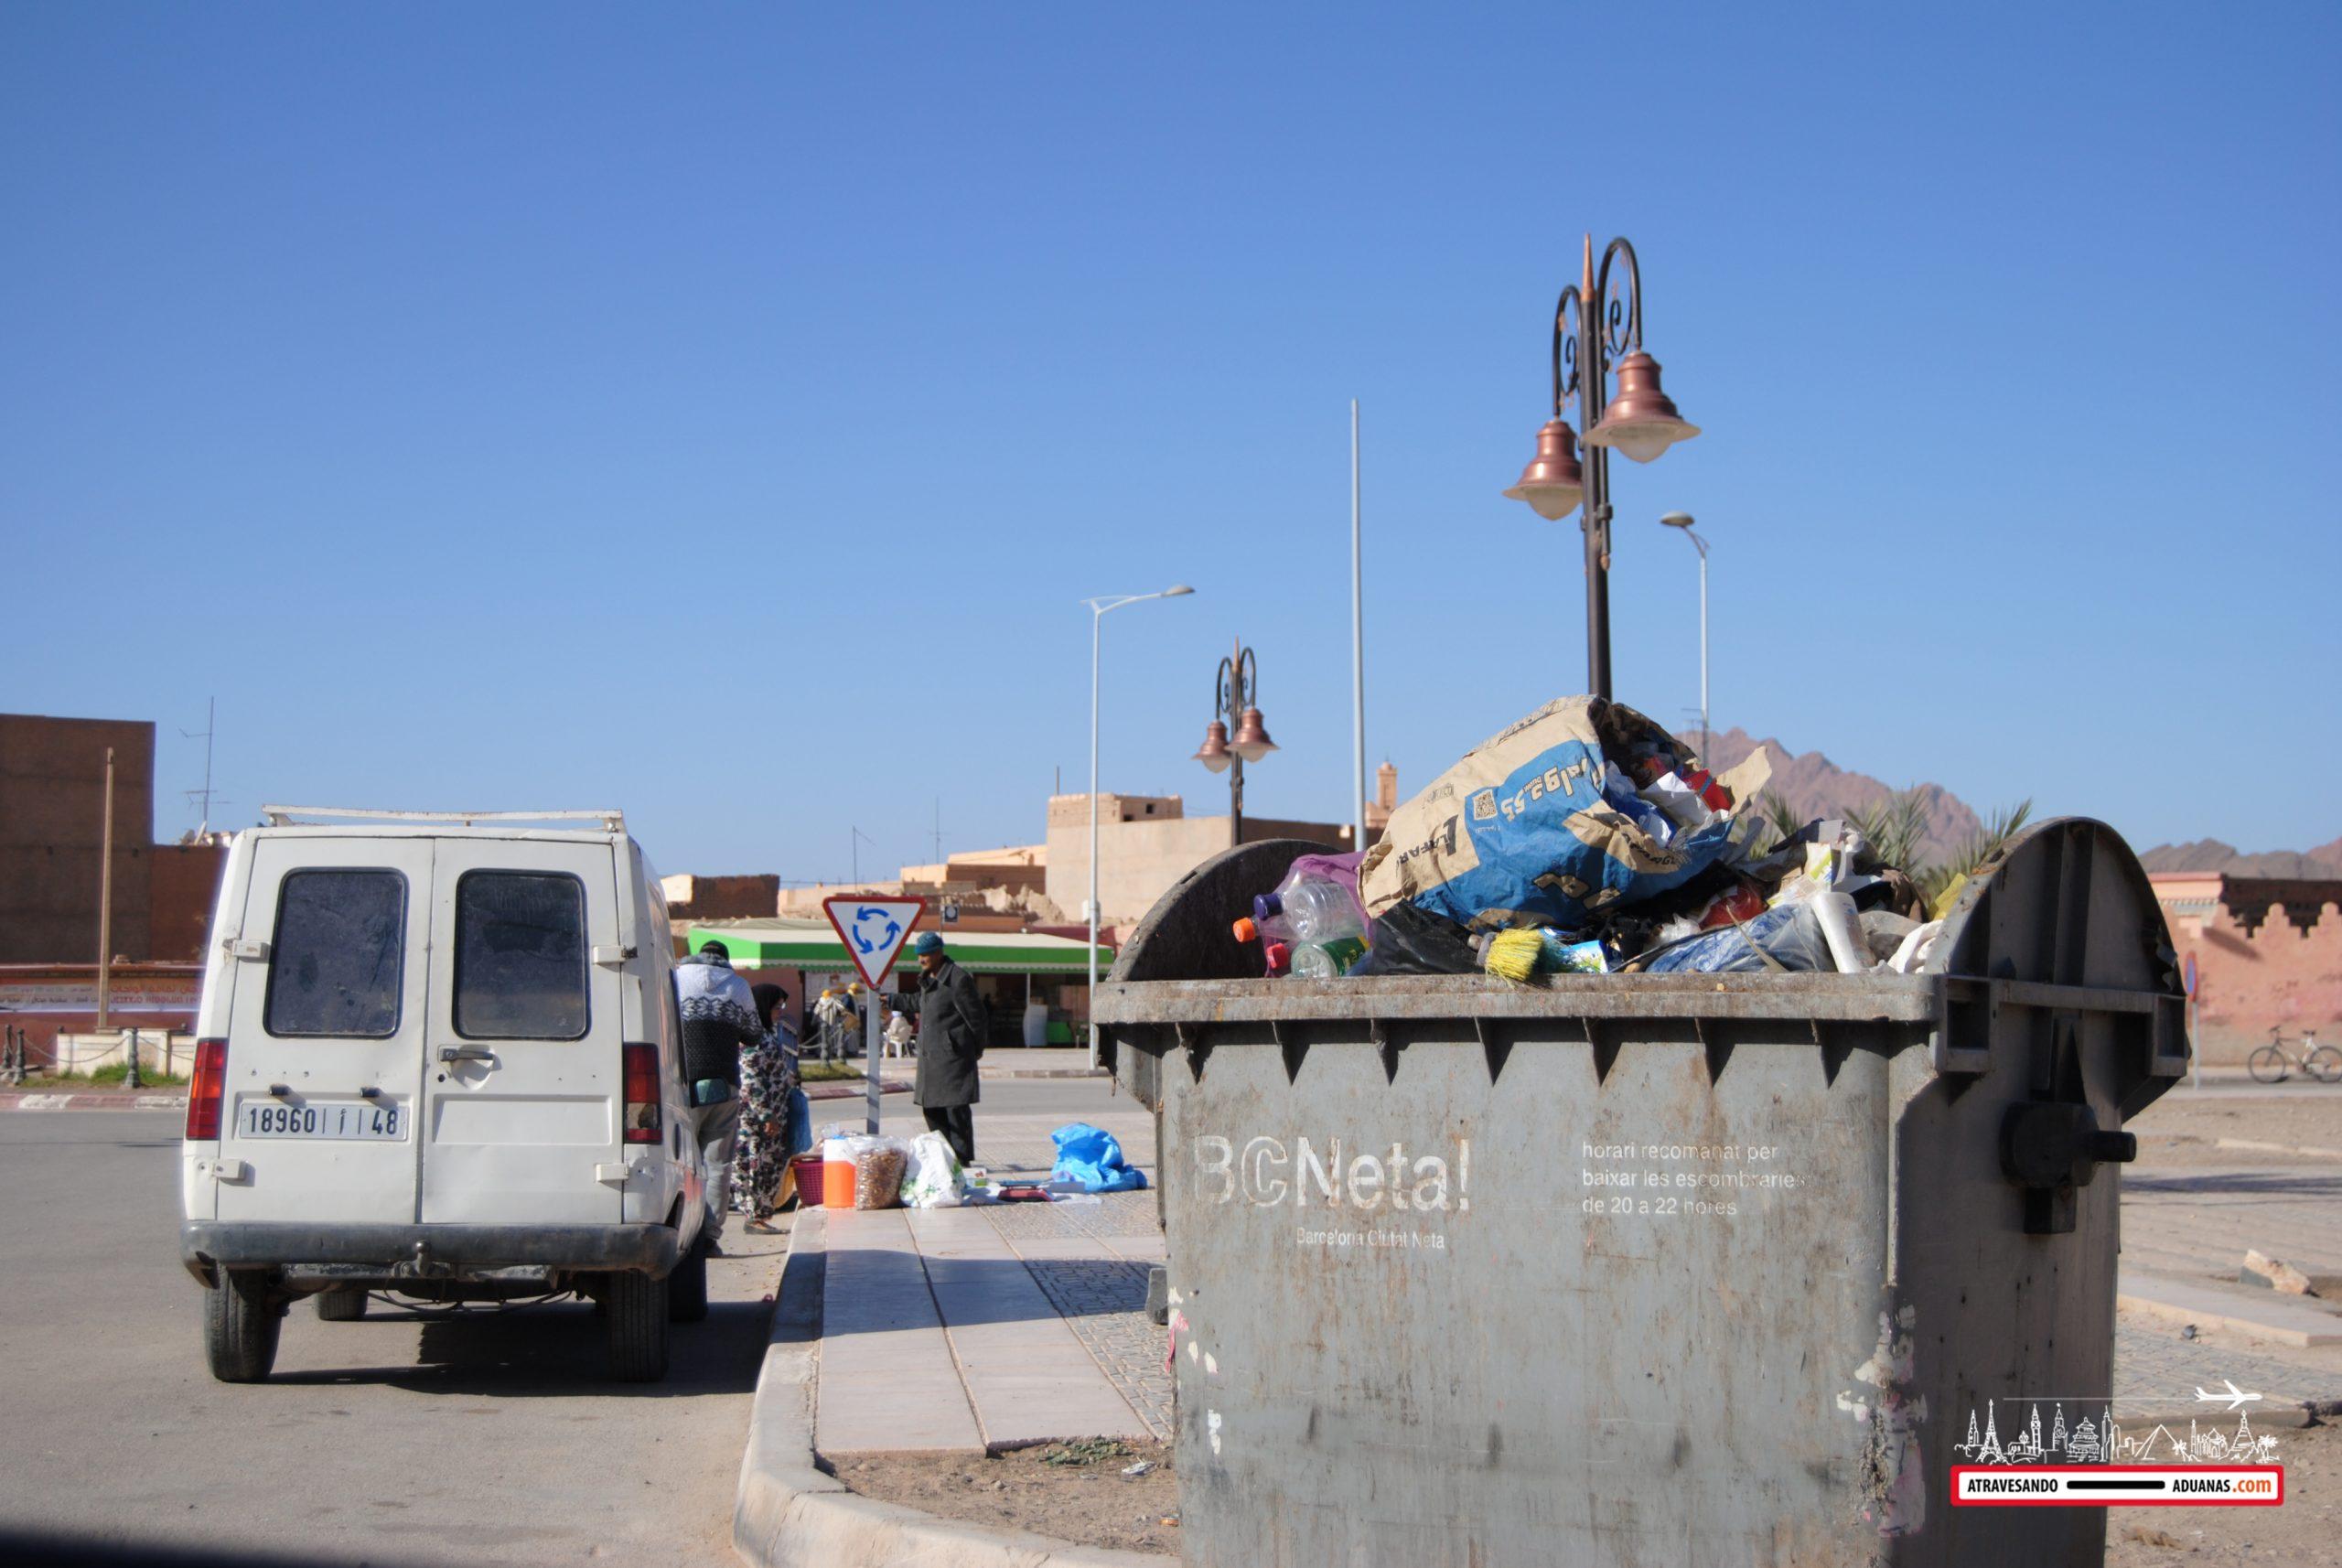 contenedor de barcelona en la ciudad de Figuig, Marruecos